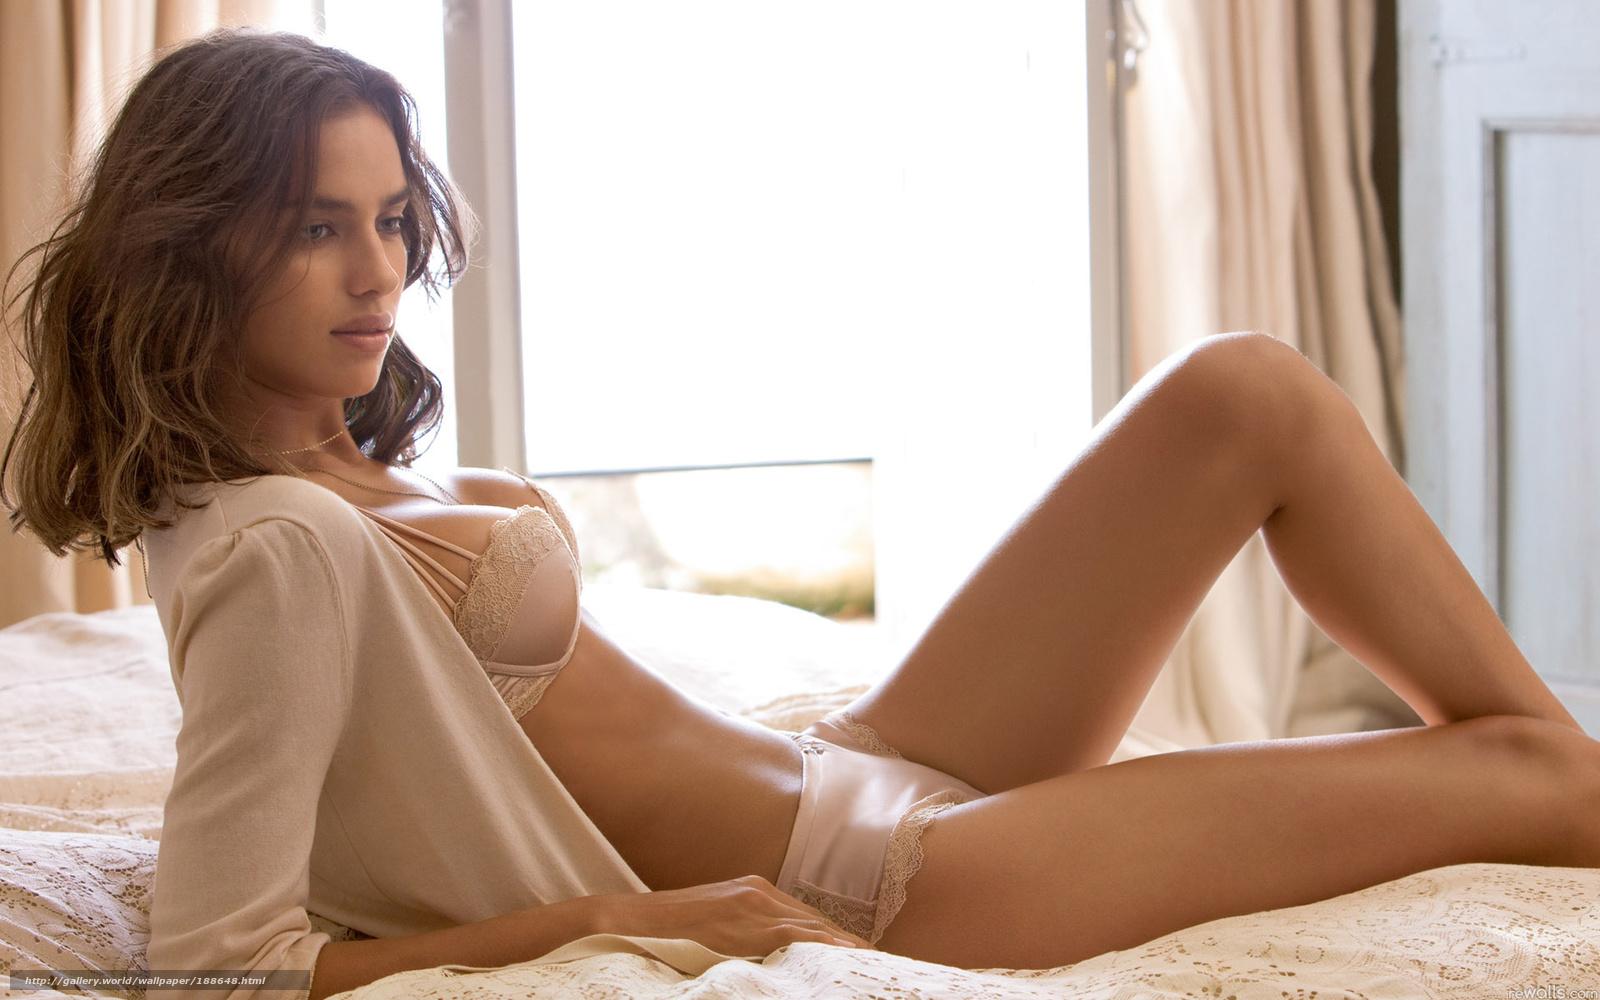 Секси девушки без рекламы 14 фотография